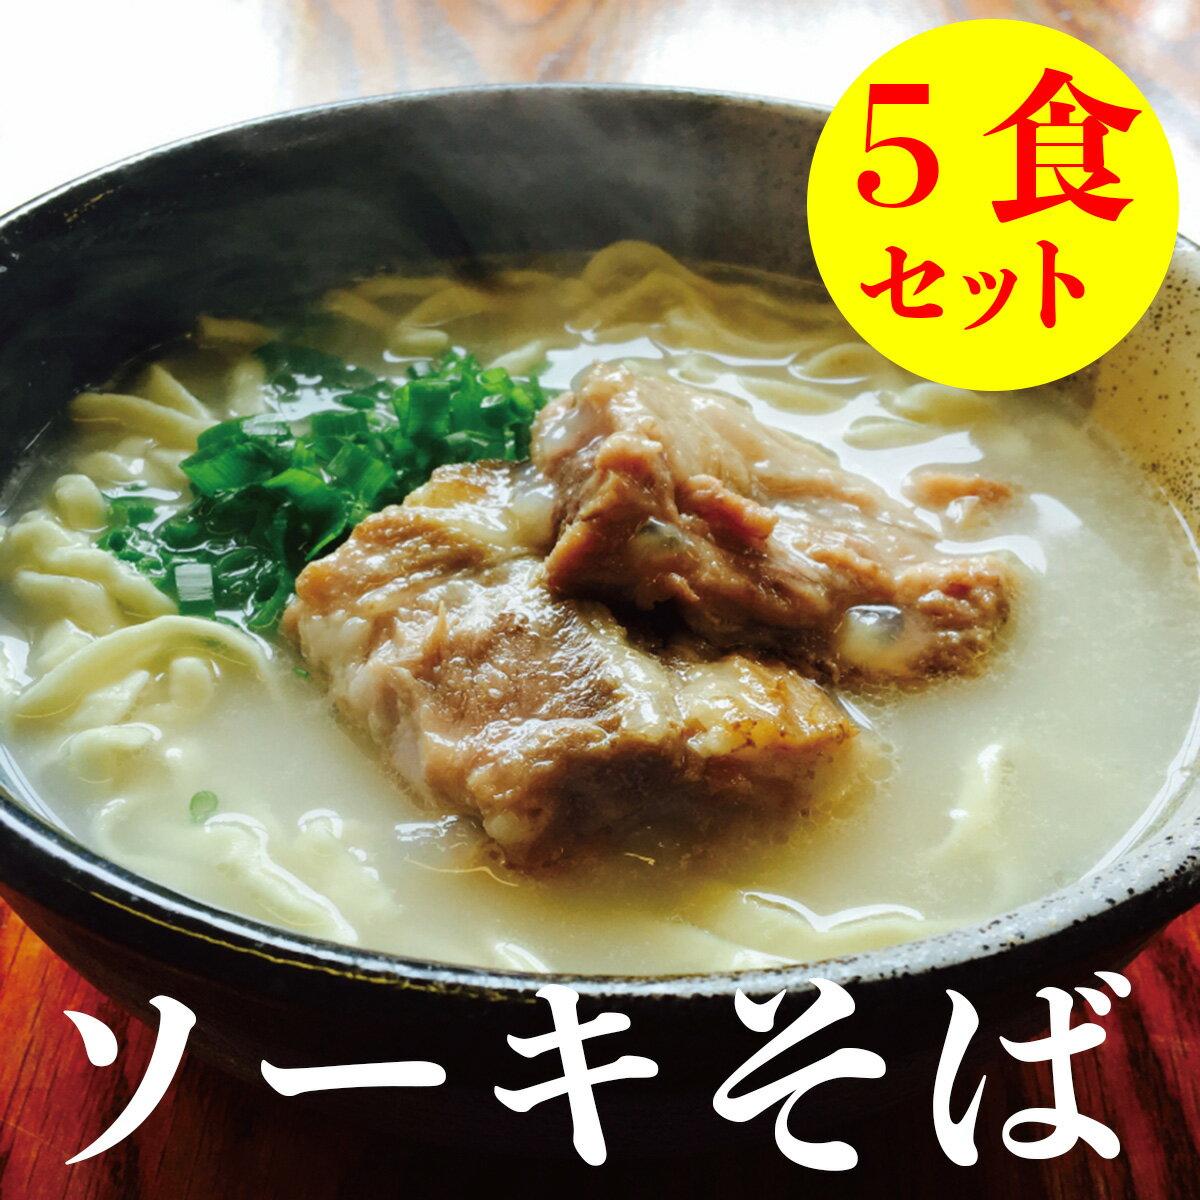 【ふるさと納税】こだわり豚骨スープ!ソーキそば5食セット!